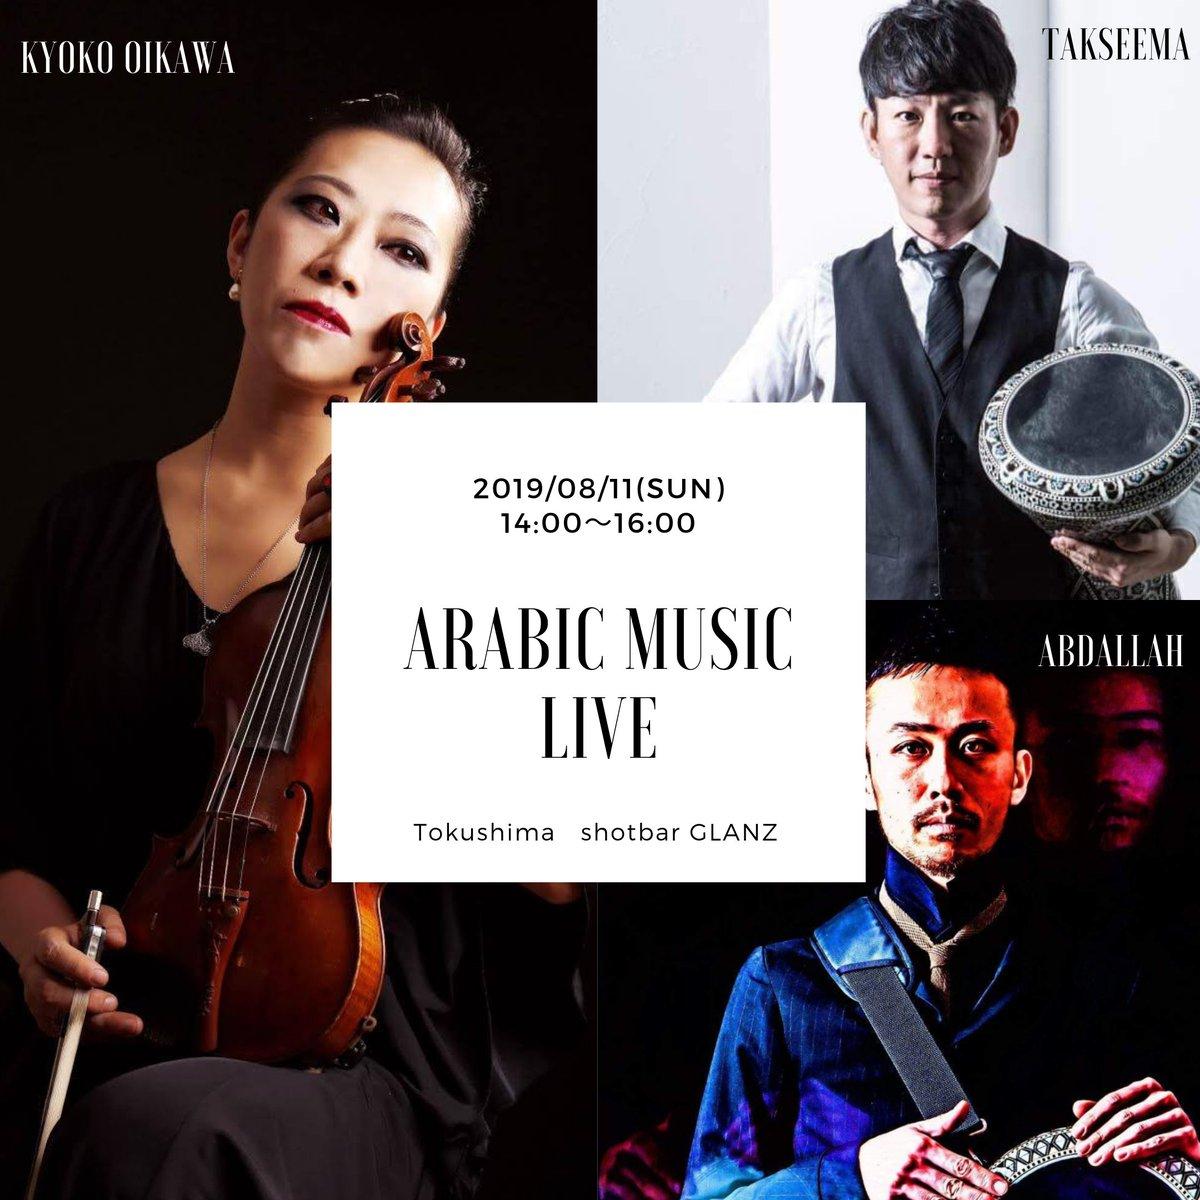 【8/11(日)14~16時】はアラブ音楽ライブ。ダルブッカ(アラブの太鼓)とアラブヴァイオリンの音楽、エントリーダンサー数人が生演奏で演舞。 https://t.co/KUge1dZH4s  【8/11(日)17時~】は同ビルの地下でプロのベリーダンサーがゲスト出演するイベント。関東のダンサーさんです。#徳島